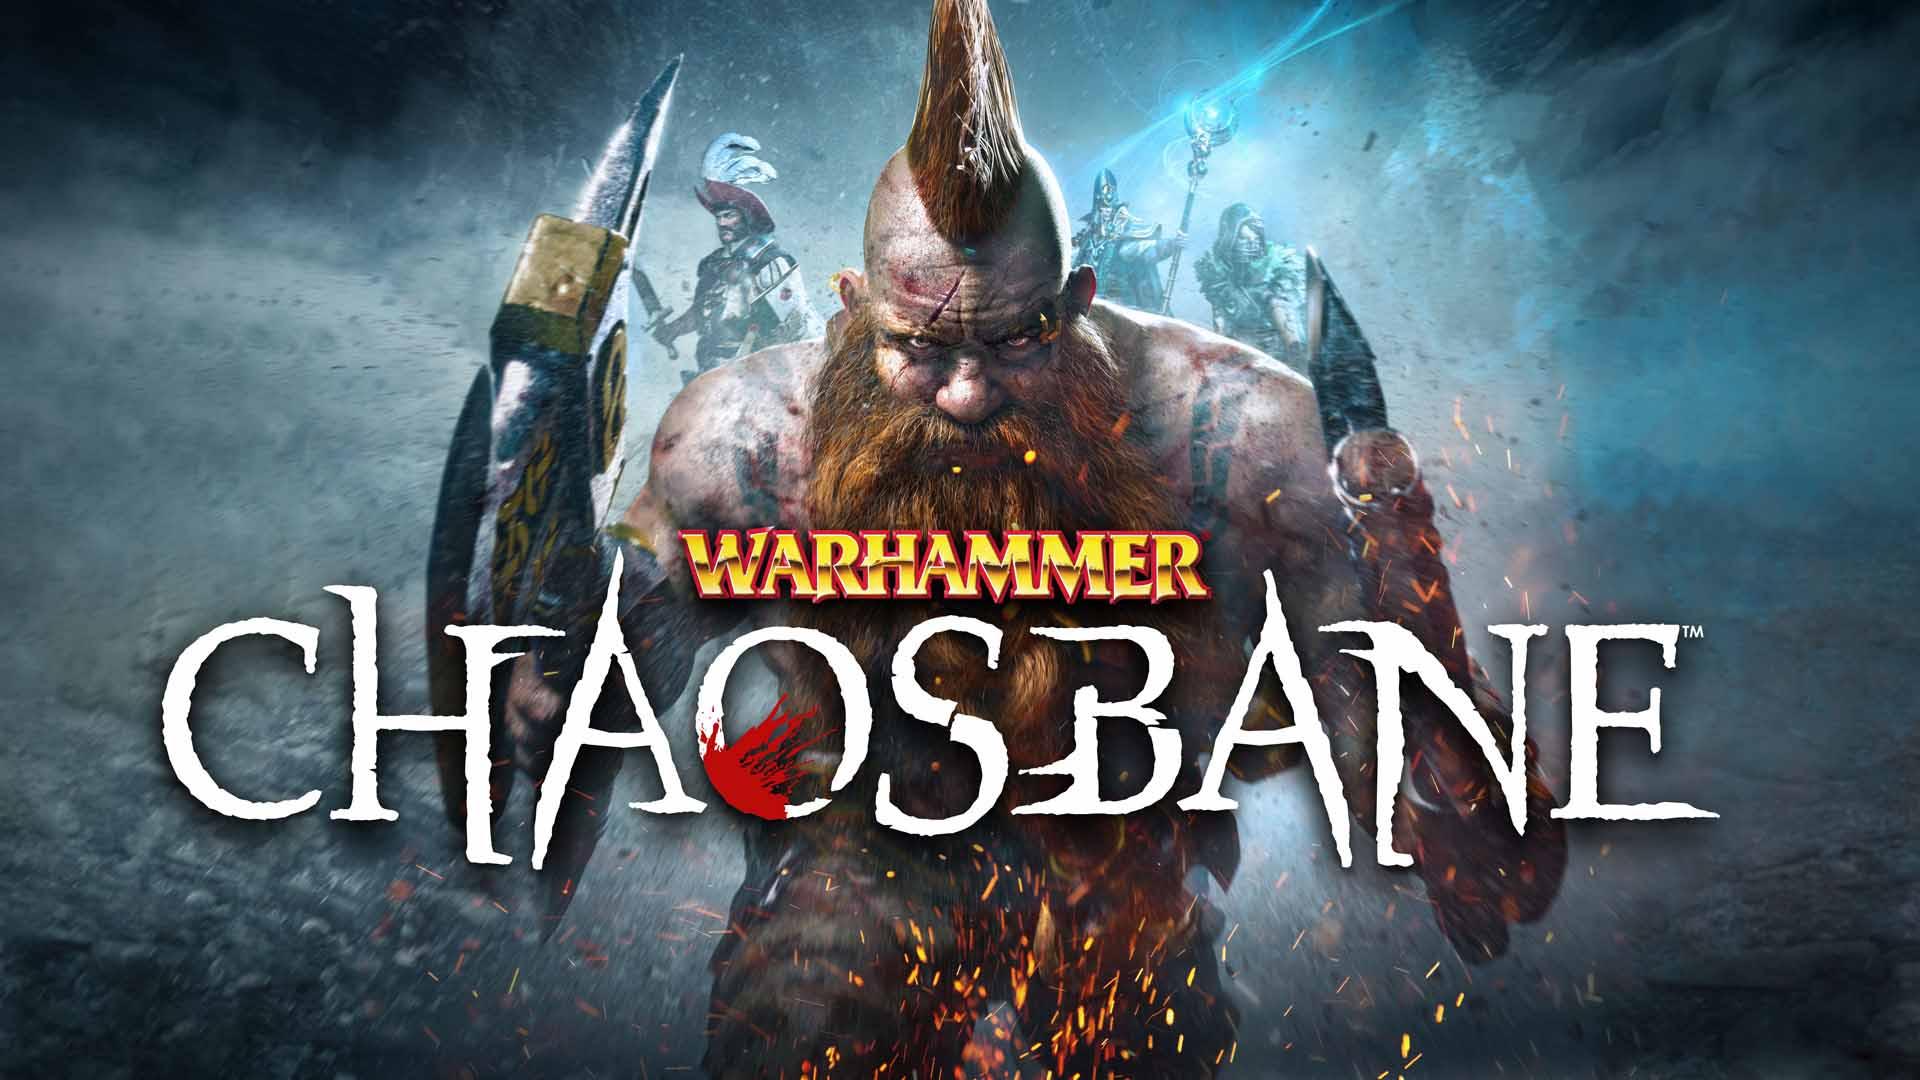 Warhammer Chaosbane PC Version Free Download